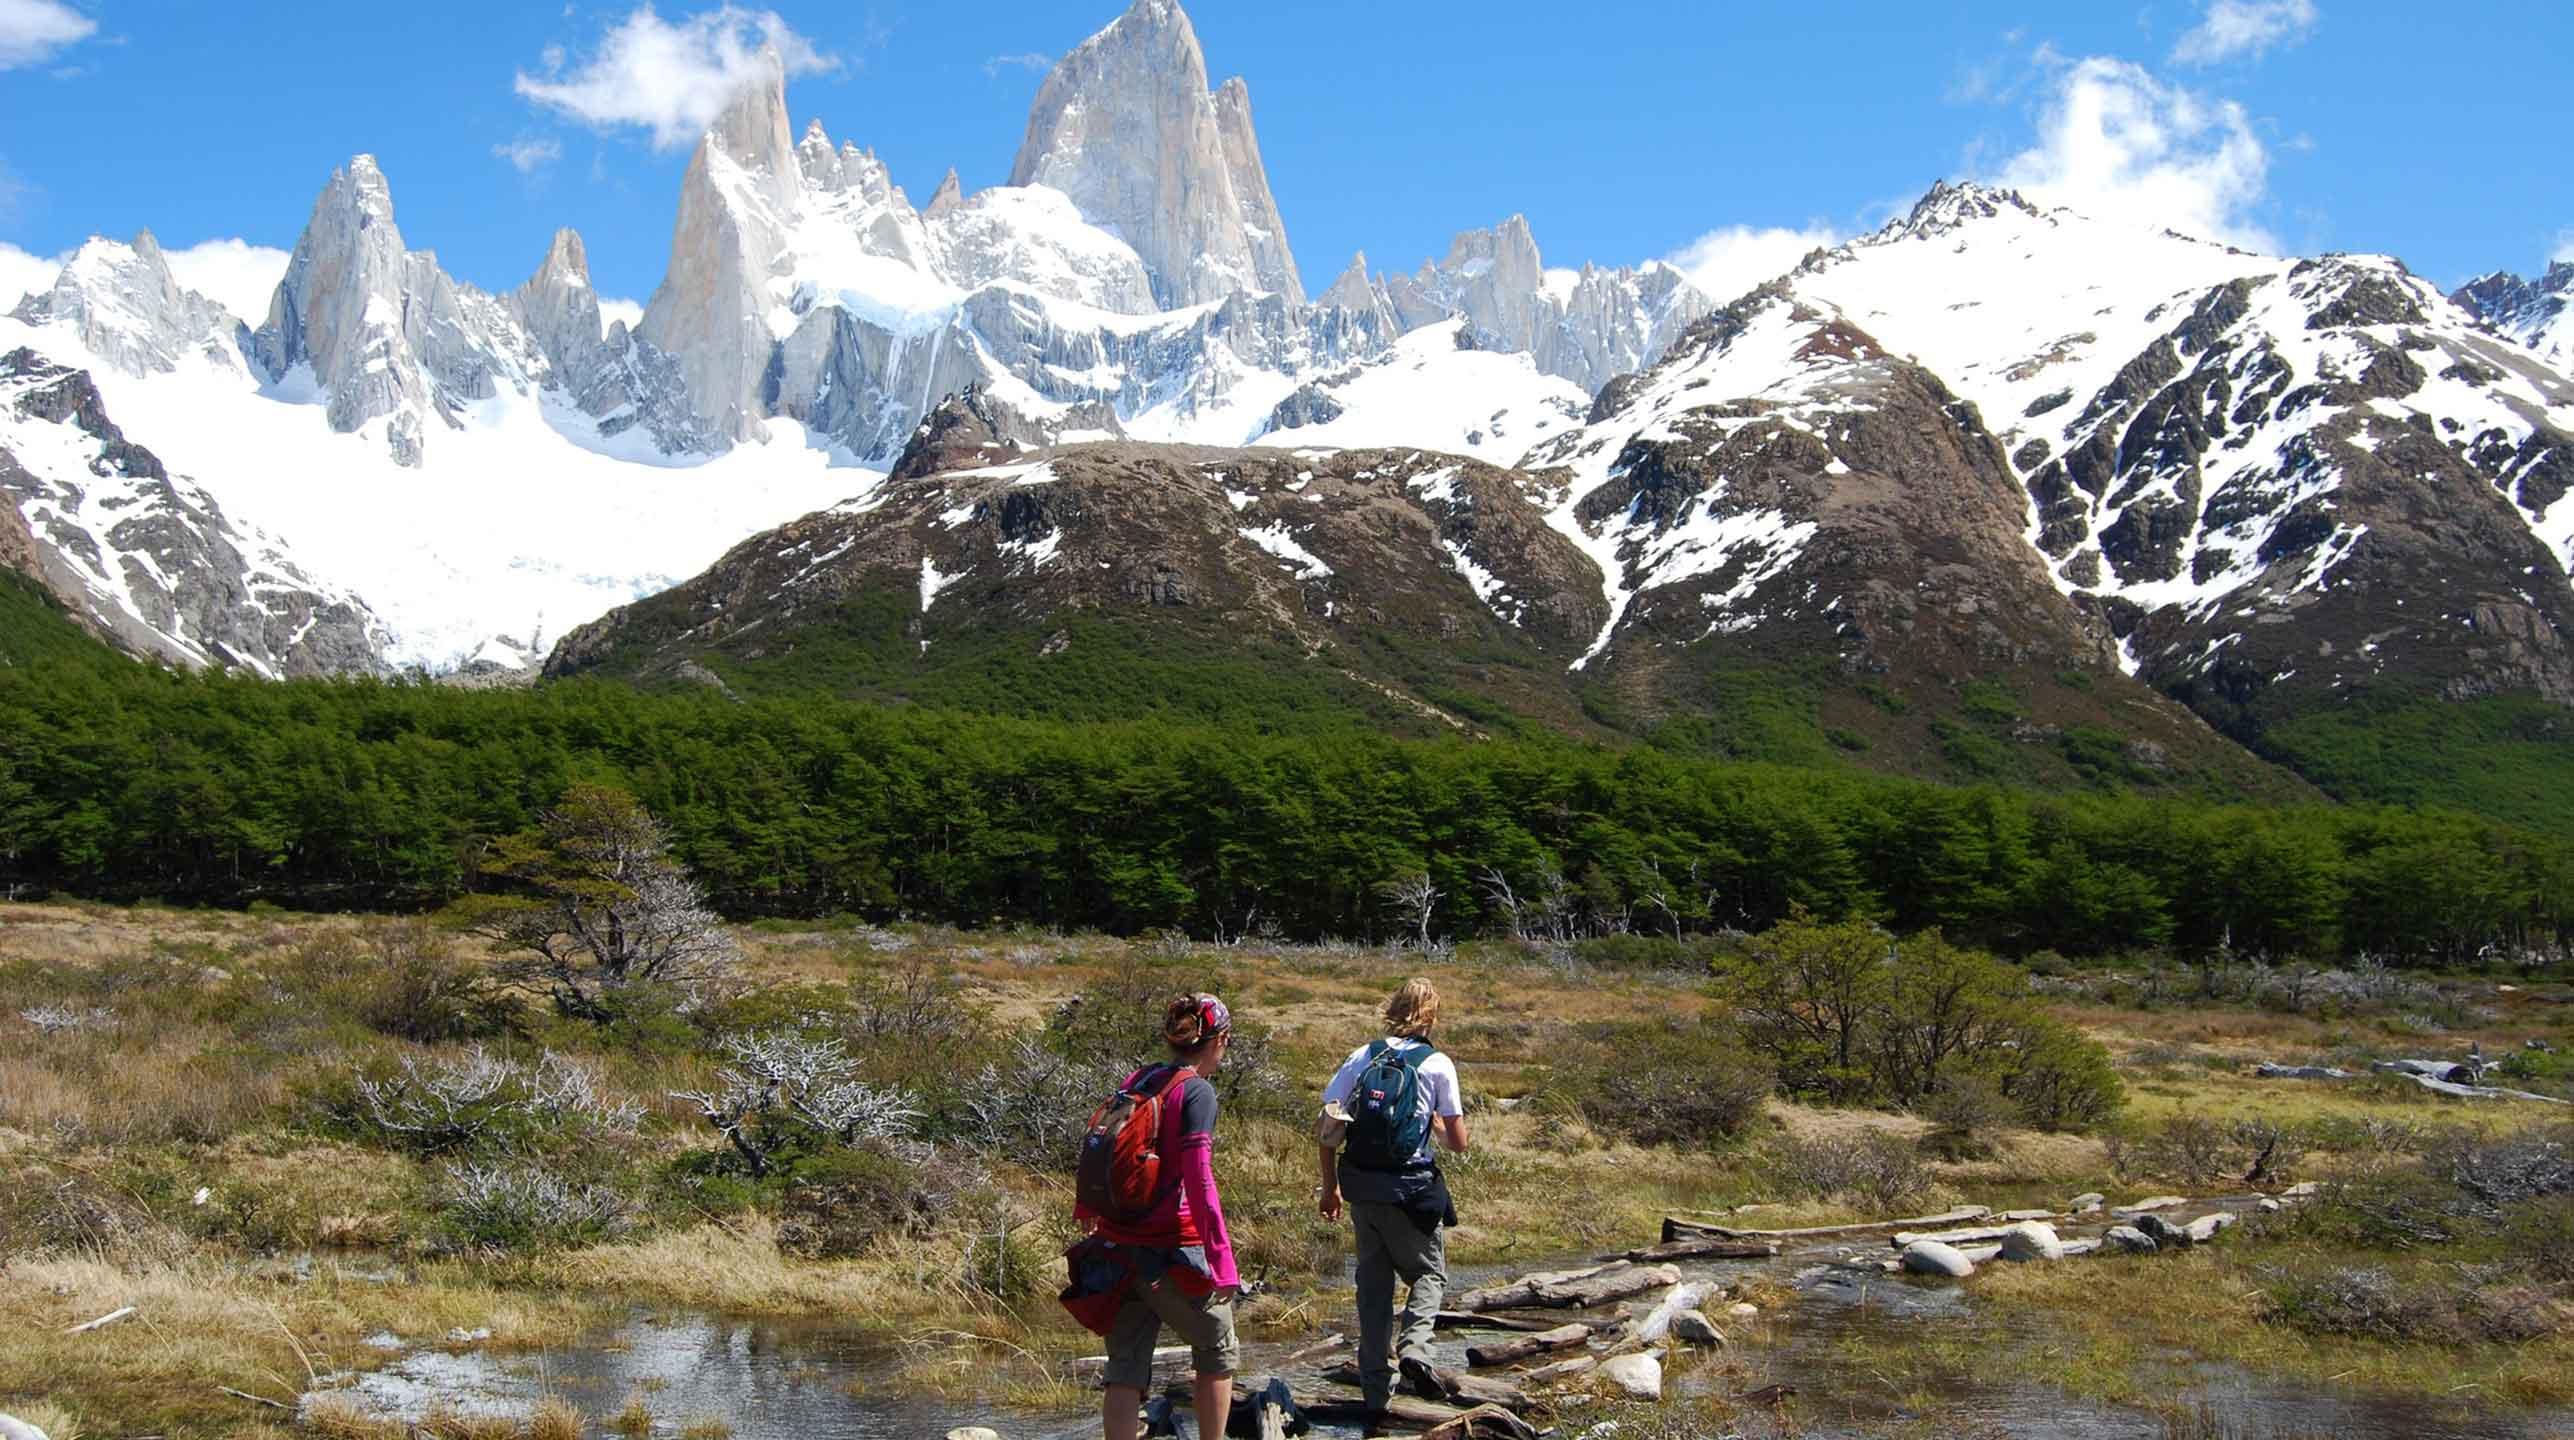 Argentyna – Patagonia i Mendoza czyli wiatr i wino